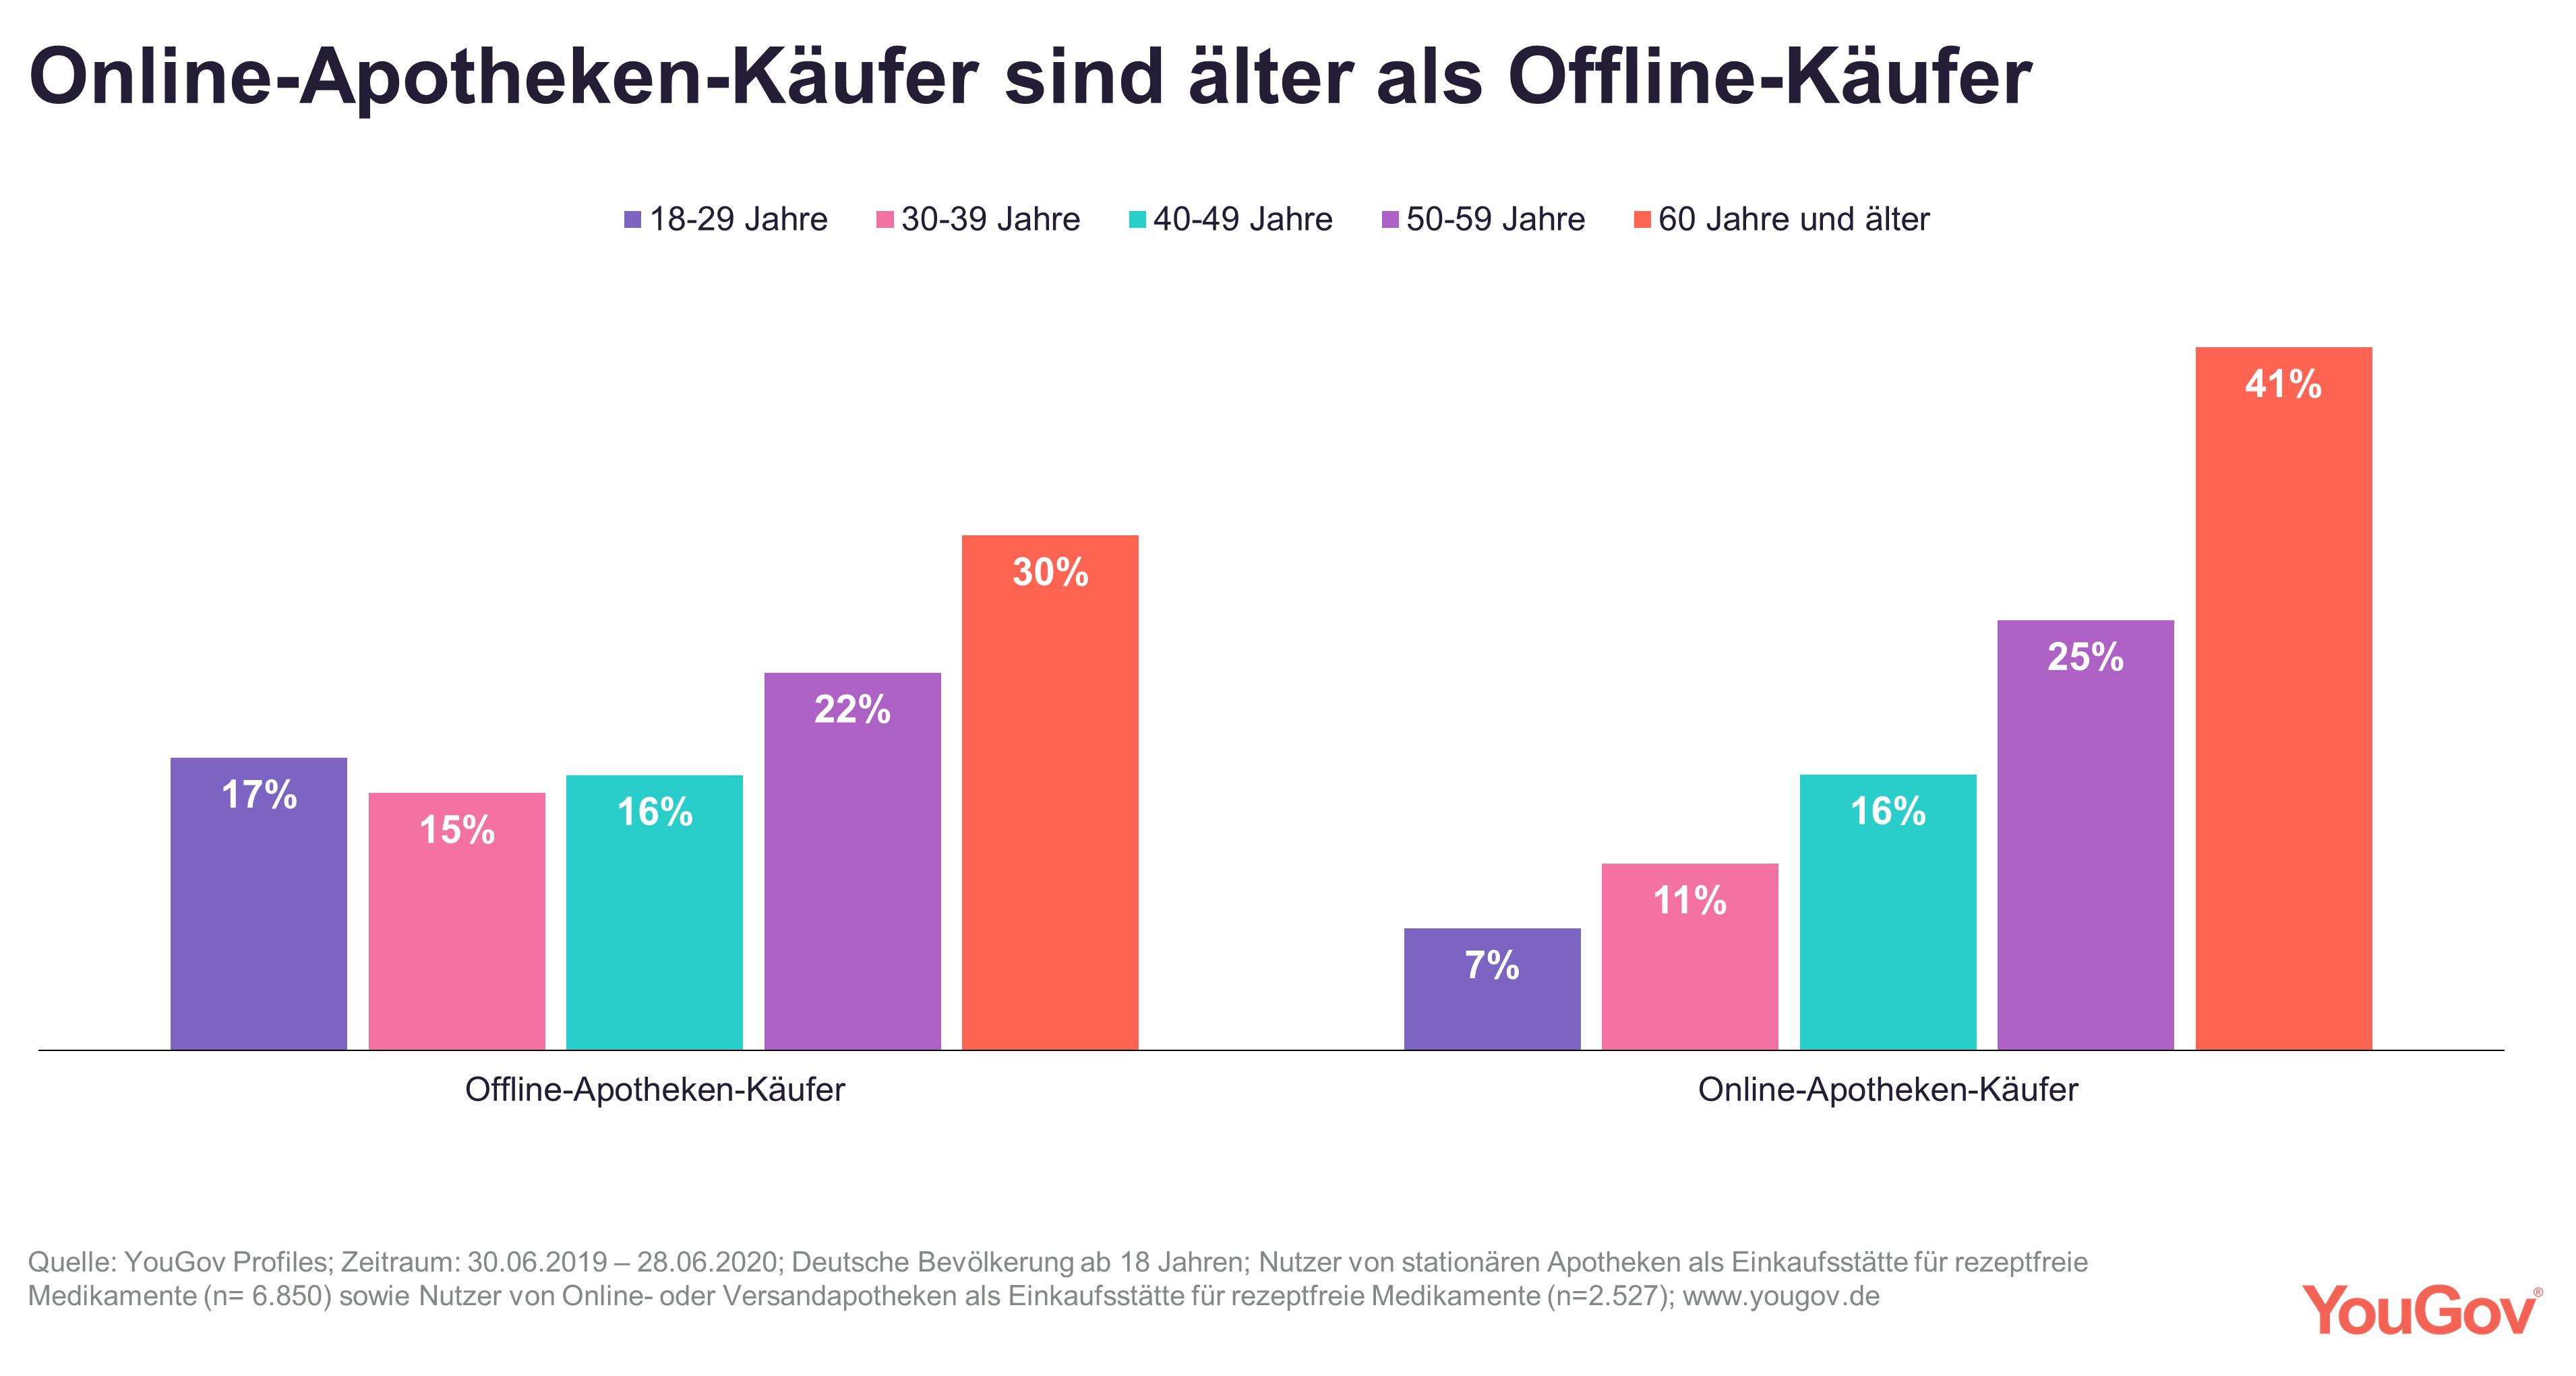 Online-Käufer älter als offline-Käufer